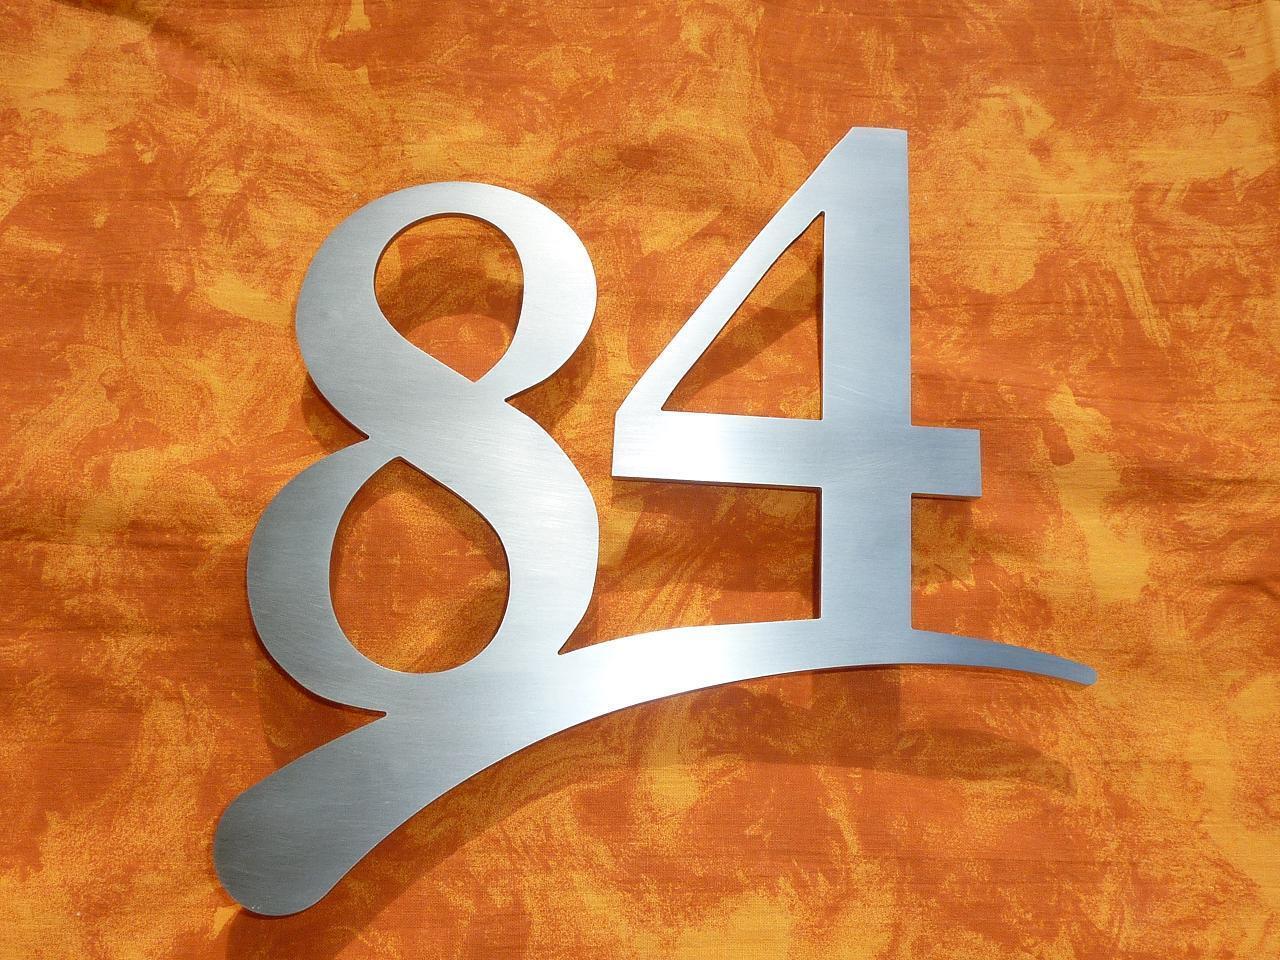 Hausnummer Edelstahl V2A V2A V2A  cm 3 mm  Zweistellig | Queensland  | Preiszugeständnisse  | Elegante Und Stabile Verpackung  833b02